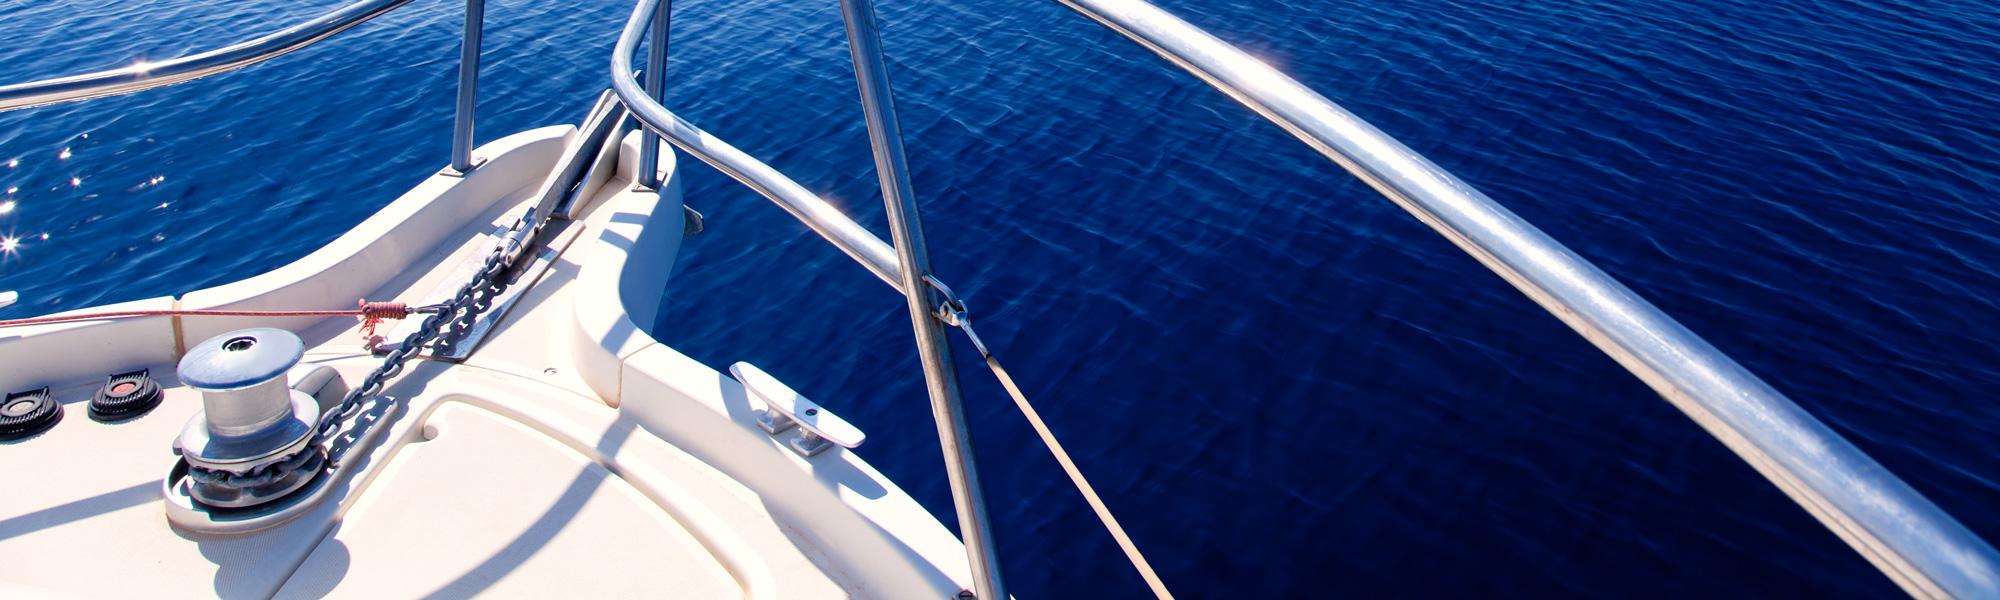 Accessori per imbarcazioni lago di garda accessori per for Lago accessori